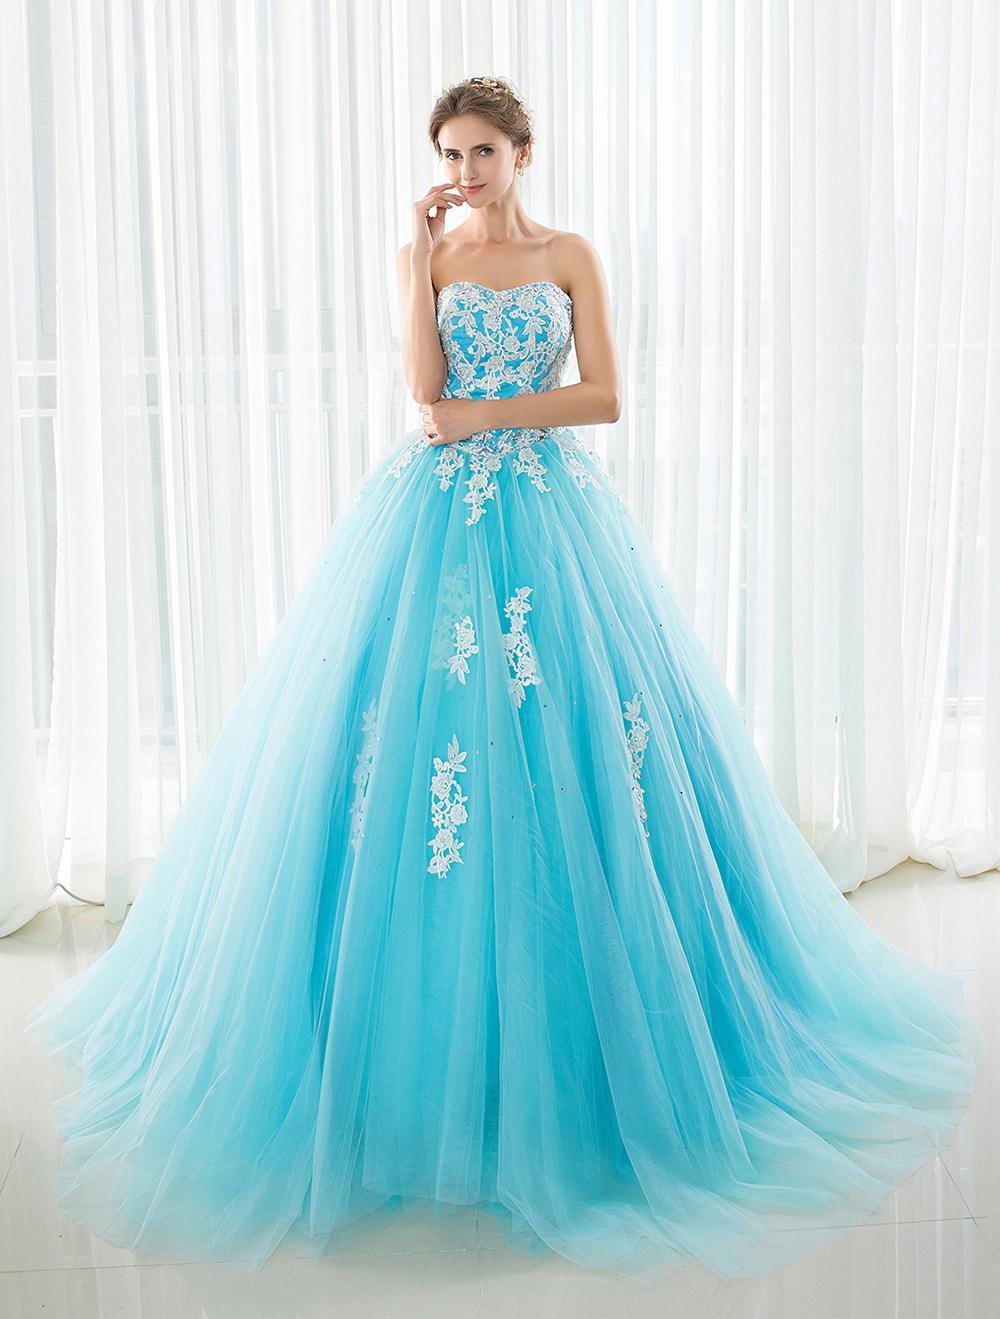 4432d13c0b4 Baile Vestidos de Baile Longo Tule Puffy Vestidos Quinceanera Vestidos 15  anos Branco Renda Apliques Doce 16 Vestidos Debutante Vestido